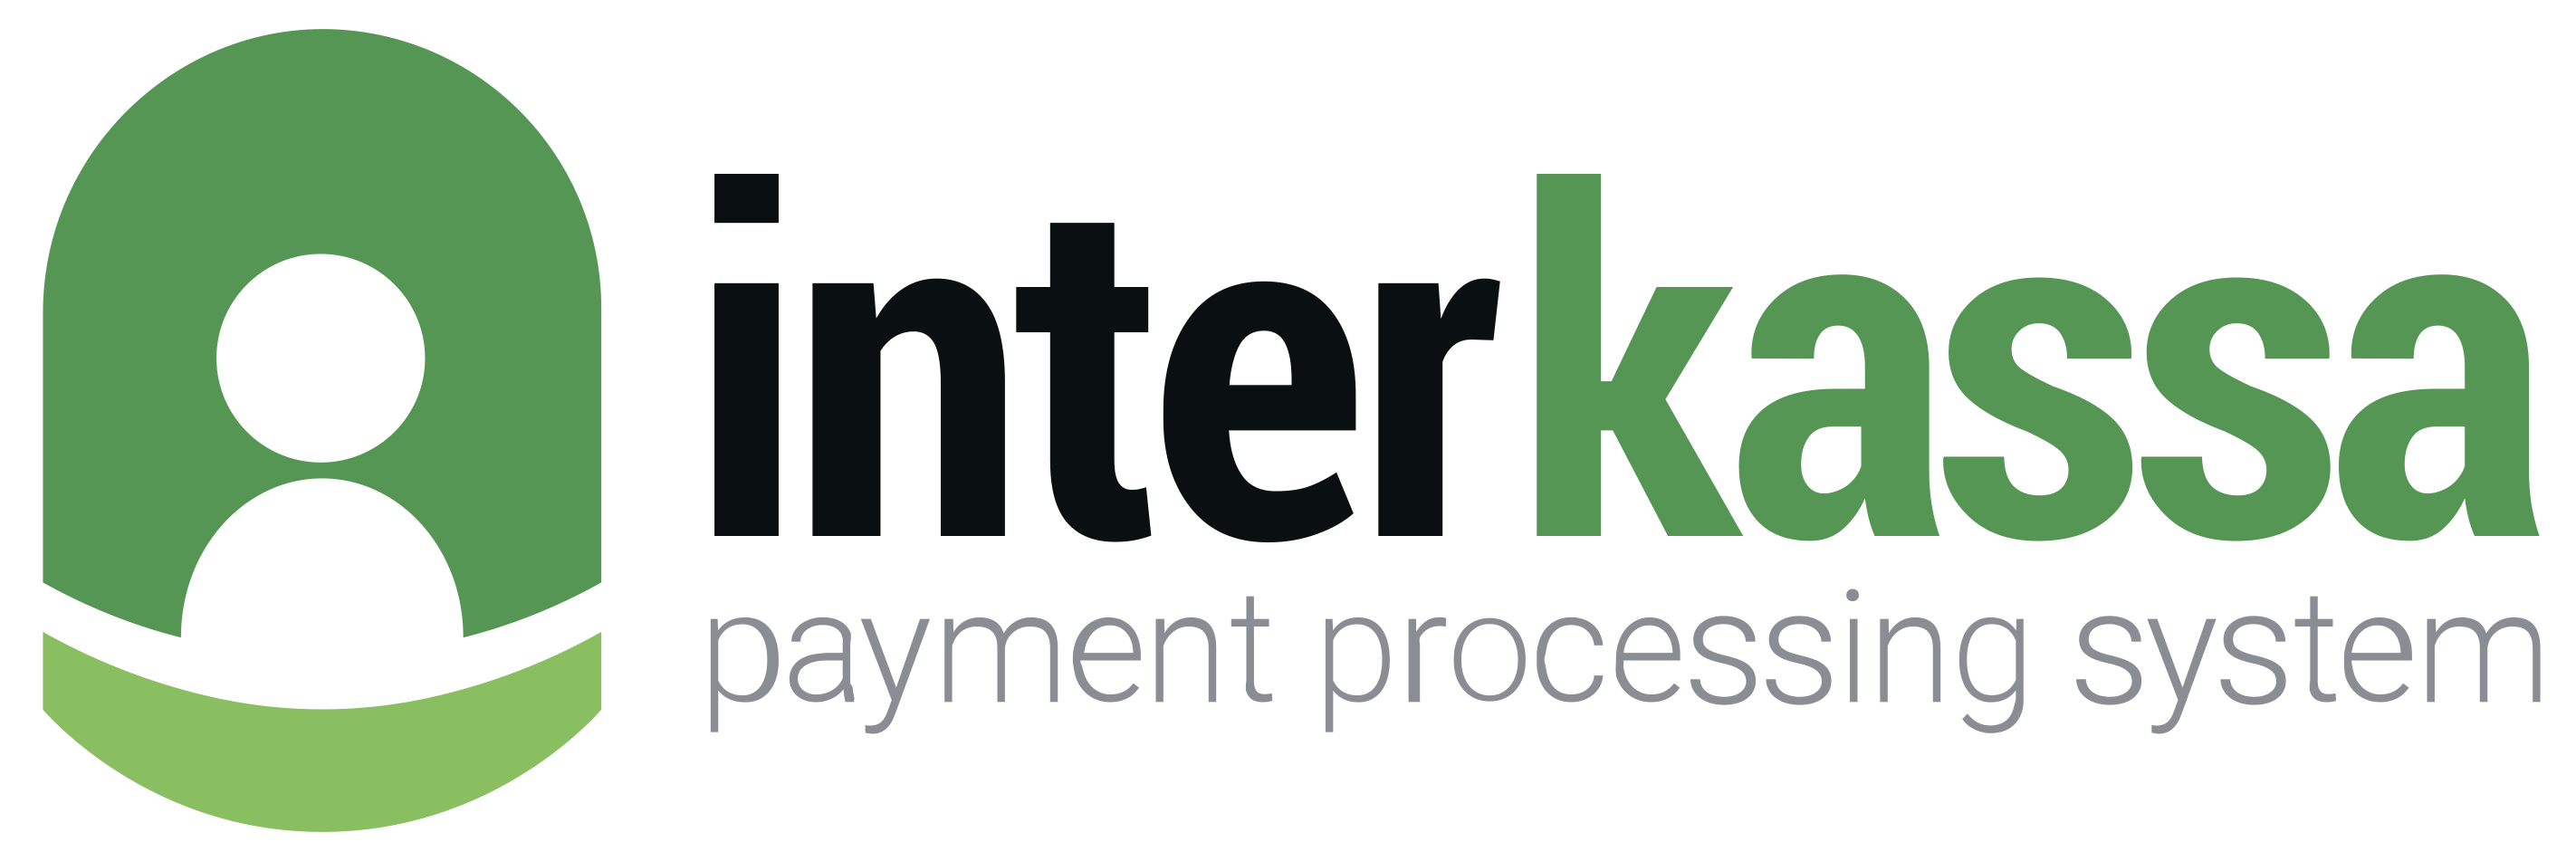 Interkassa logo